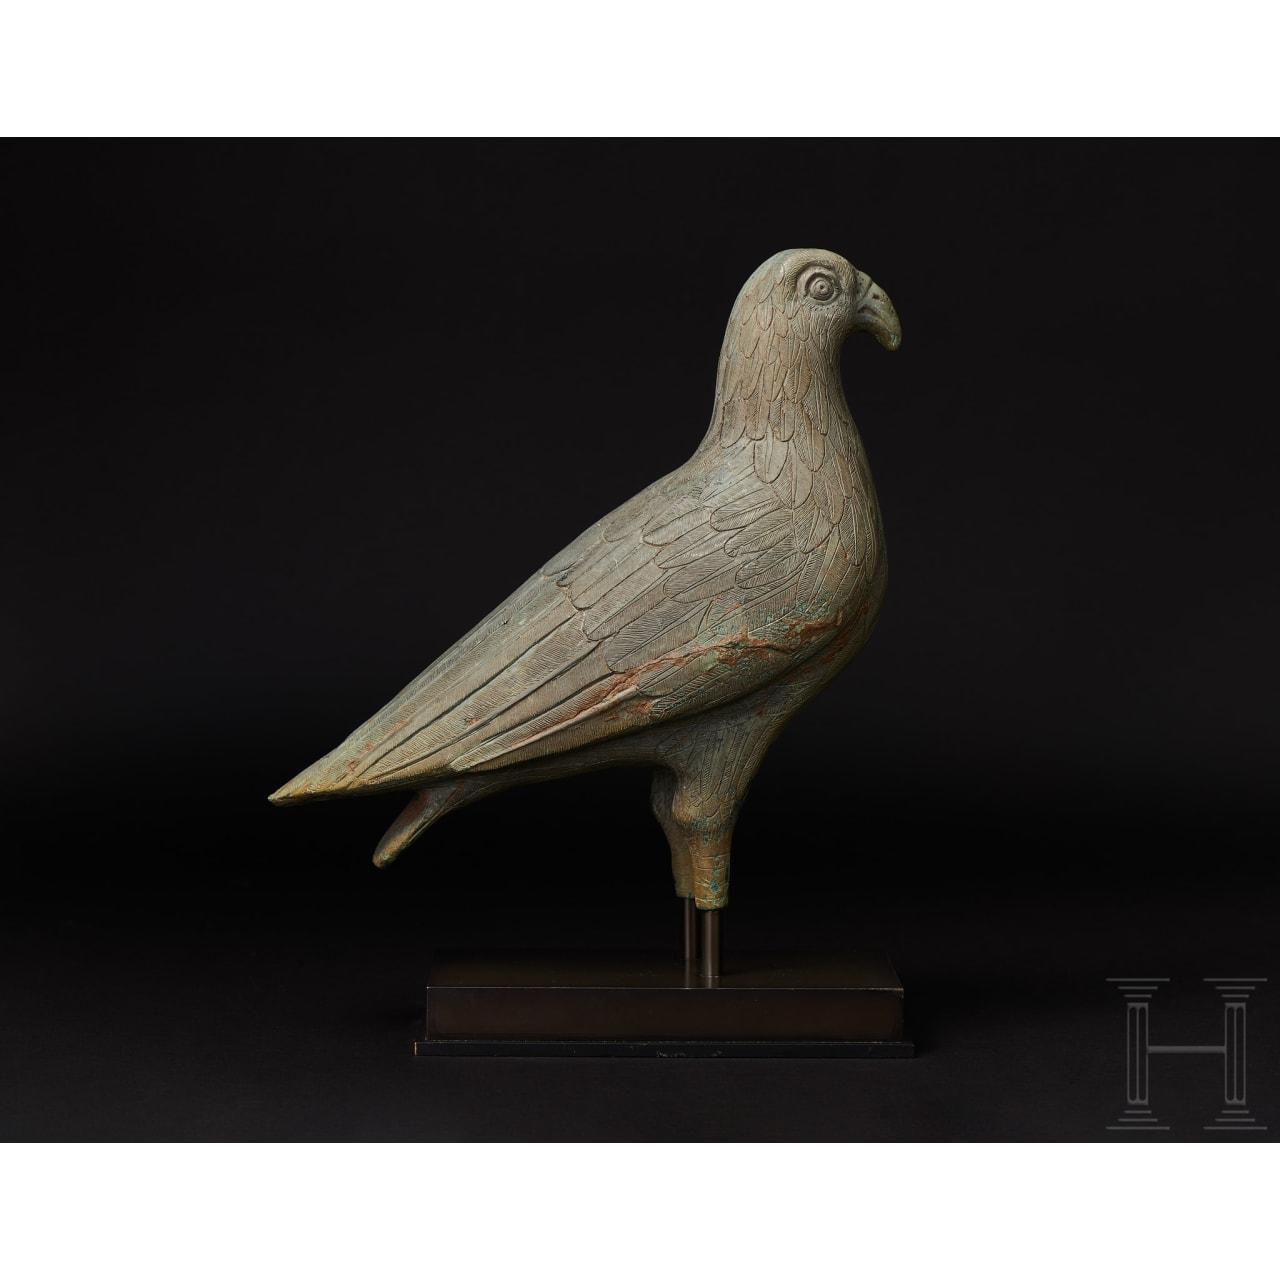 Bronzener Adler von ungewöhnlicher Größe und ausgesprochen feiner Ausarbeitung, griechisch, eventuell frühklassisch (frühes 5. Jhdt v. Chr.) oder späthellenistisch (1. Jhdt. v. – 1. Jhdt. n. Chr.)